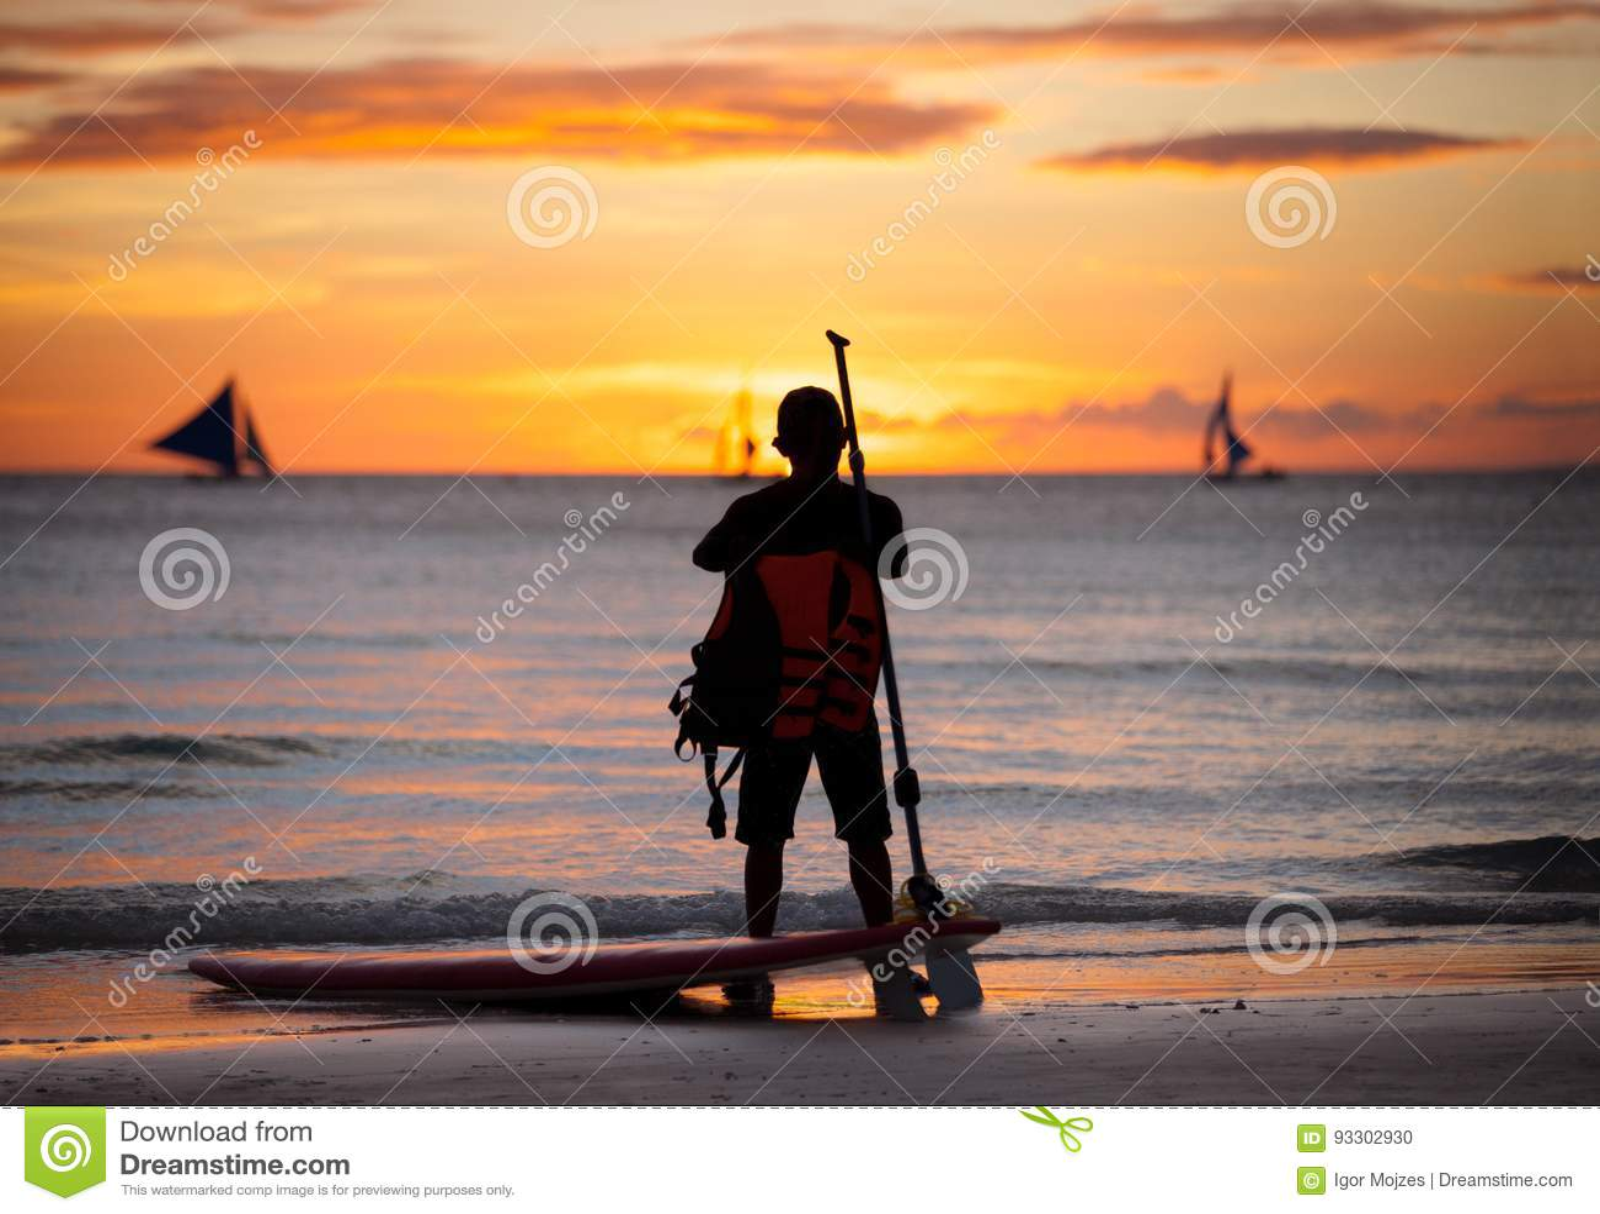 Surfer standing next surfboard